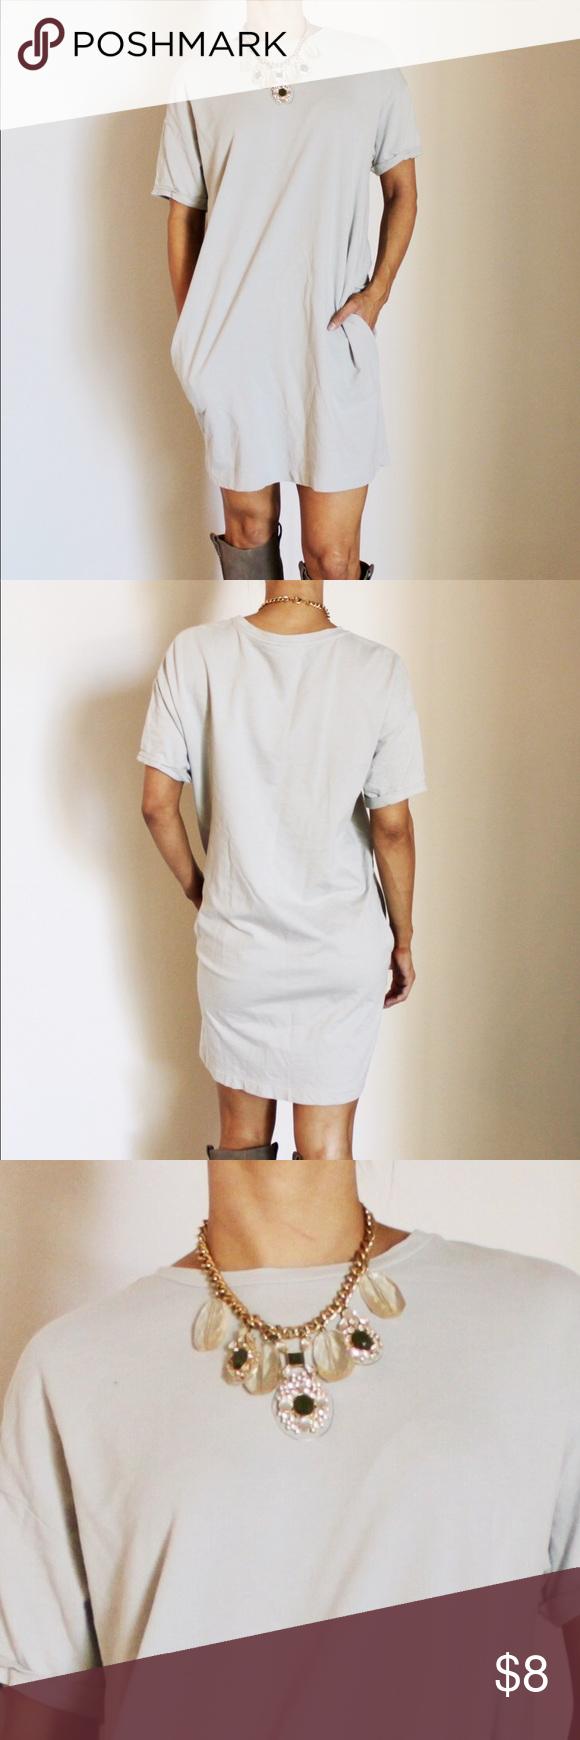 Grey zara shortsleeved tshirt dress